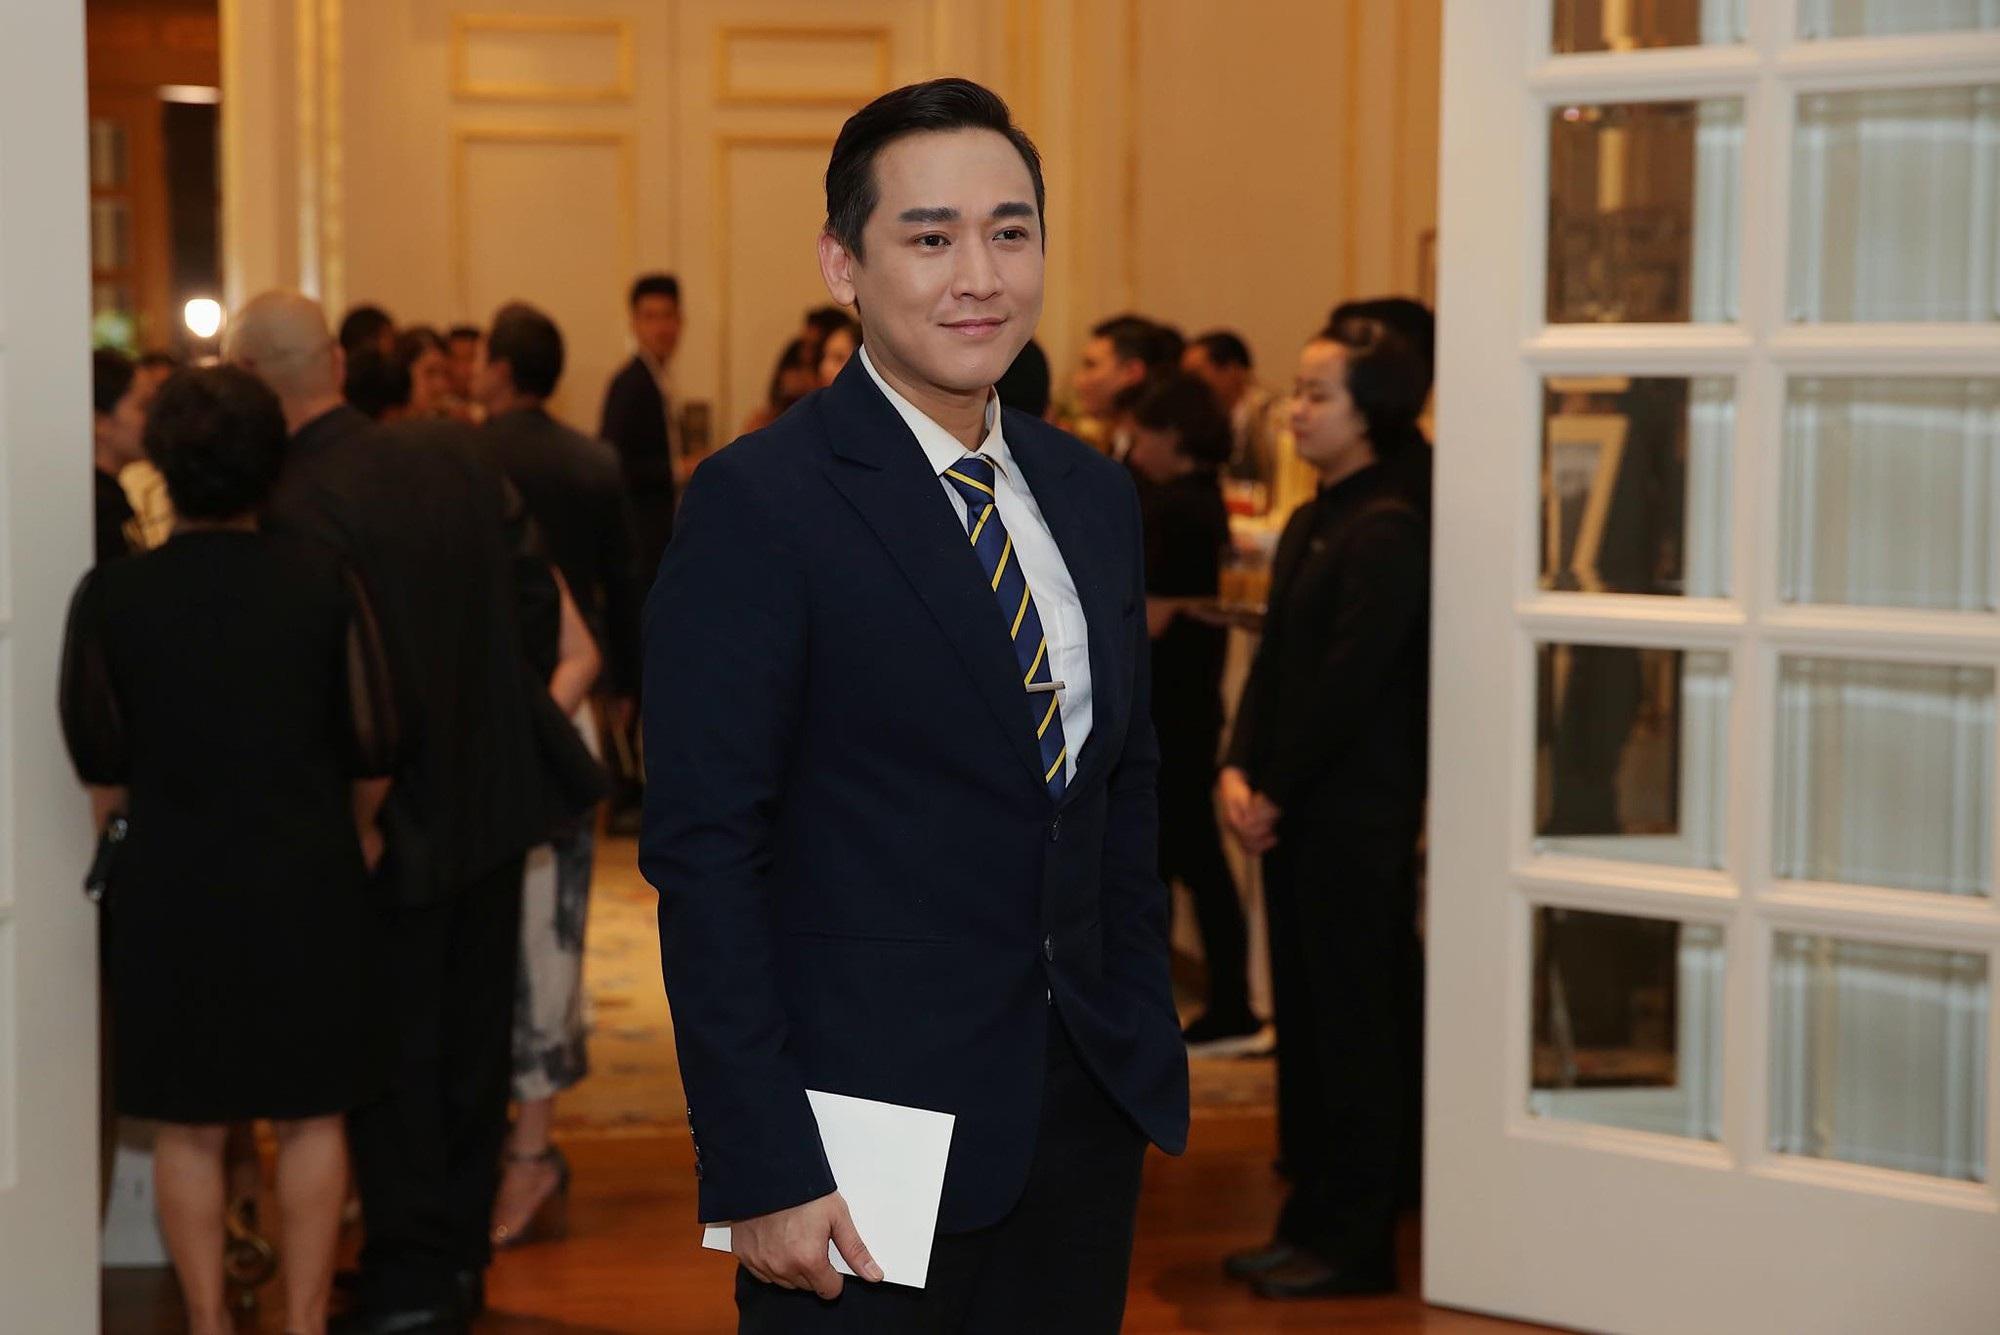 Cuối năm tất bật, dàn sao Việt vẫn dành thời gian đến dự đám cưới Lê Hiếu - Ảnh 13.